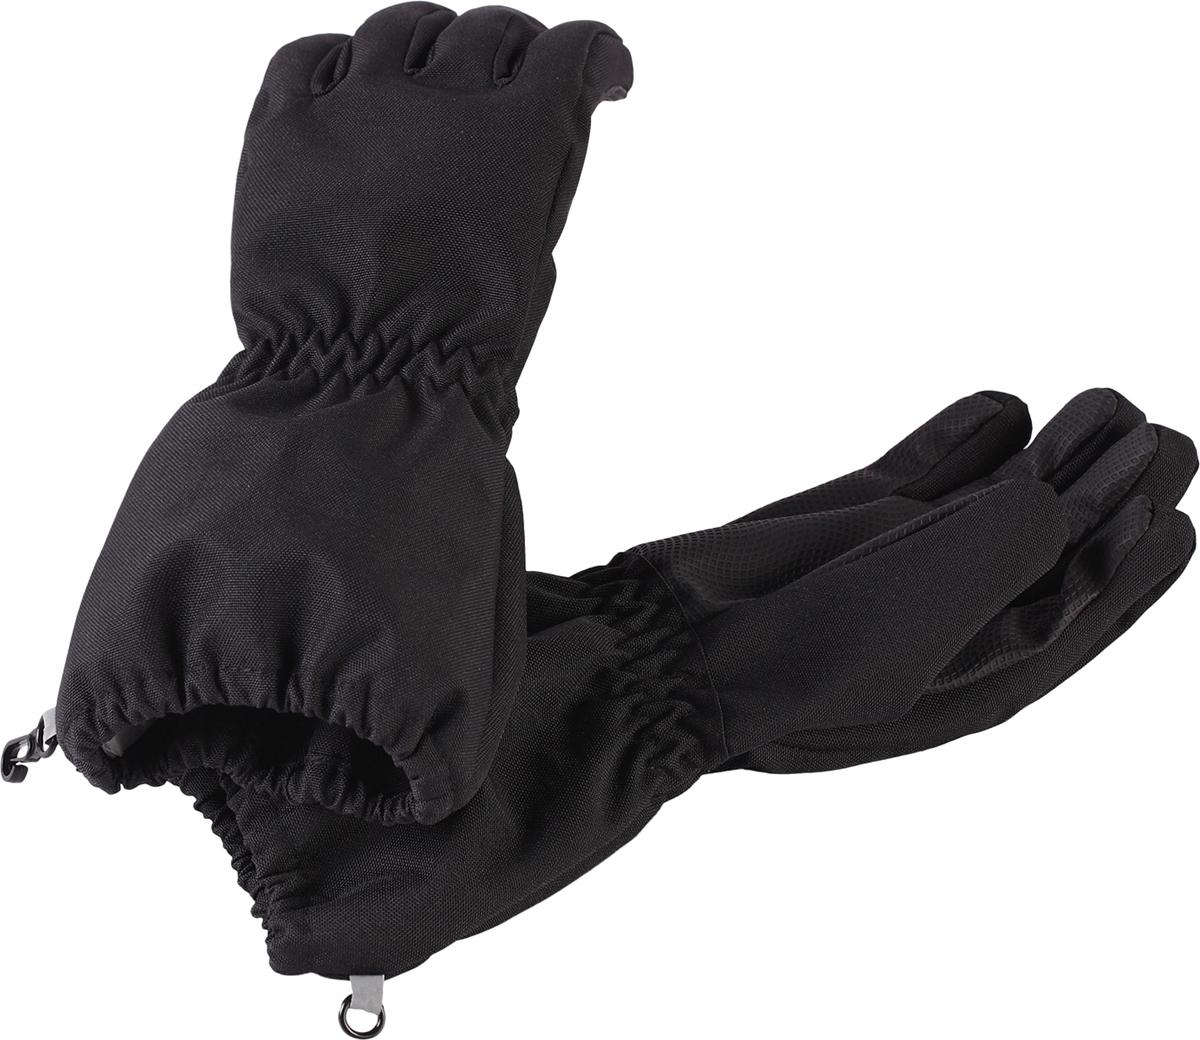 Перчатки детские Lassie Lassietec, цвет: черный. 7277019990. Размер 67277019990Дышащие детские перчатки изготовлены из очень износостойкого и абсолютно водонепроницаемого материала. В них предусмотрена водонепроницаемая мембрана и трикотажная подкладка из полиэстера с начесом. Усиления на ладони, кончиках пальцев и на большом пальце позволяют крепко держать в руках разные сокровища, найденные во время весенних приключений на природе, а еще хорошо согревают ручки. Сверху снабжены светоотражающим элементом.